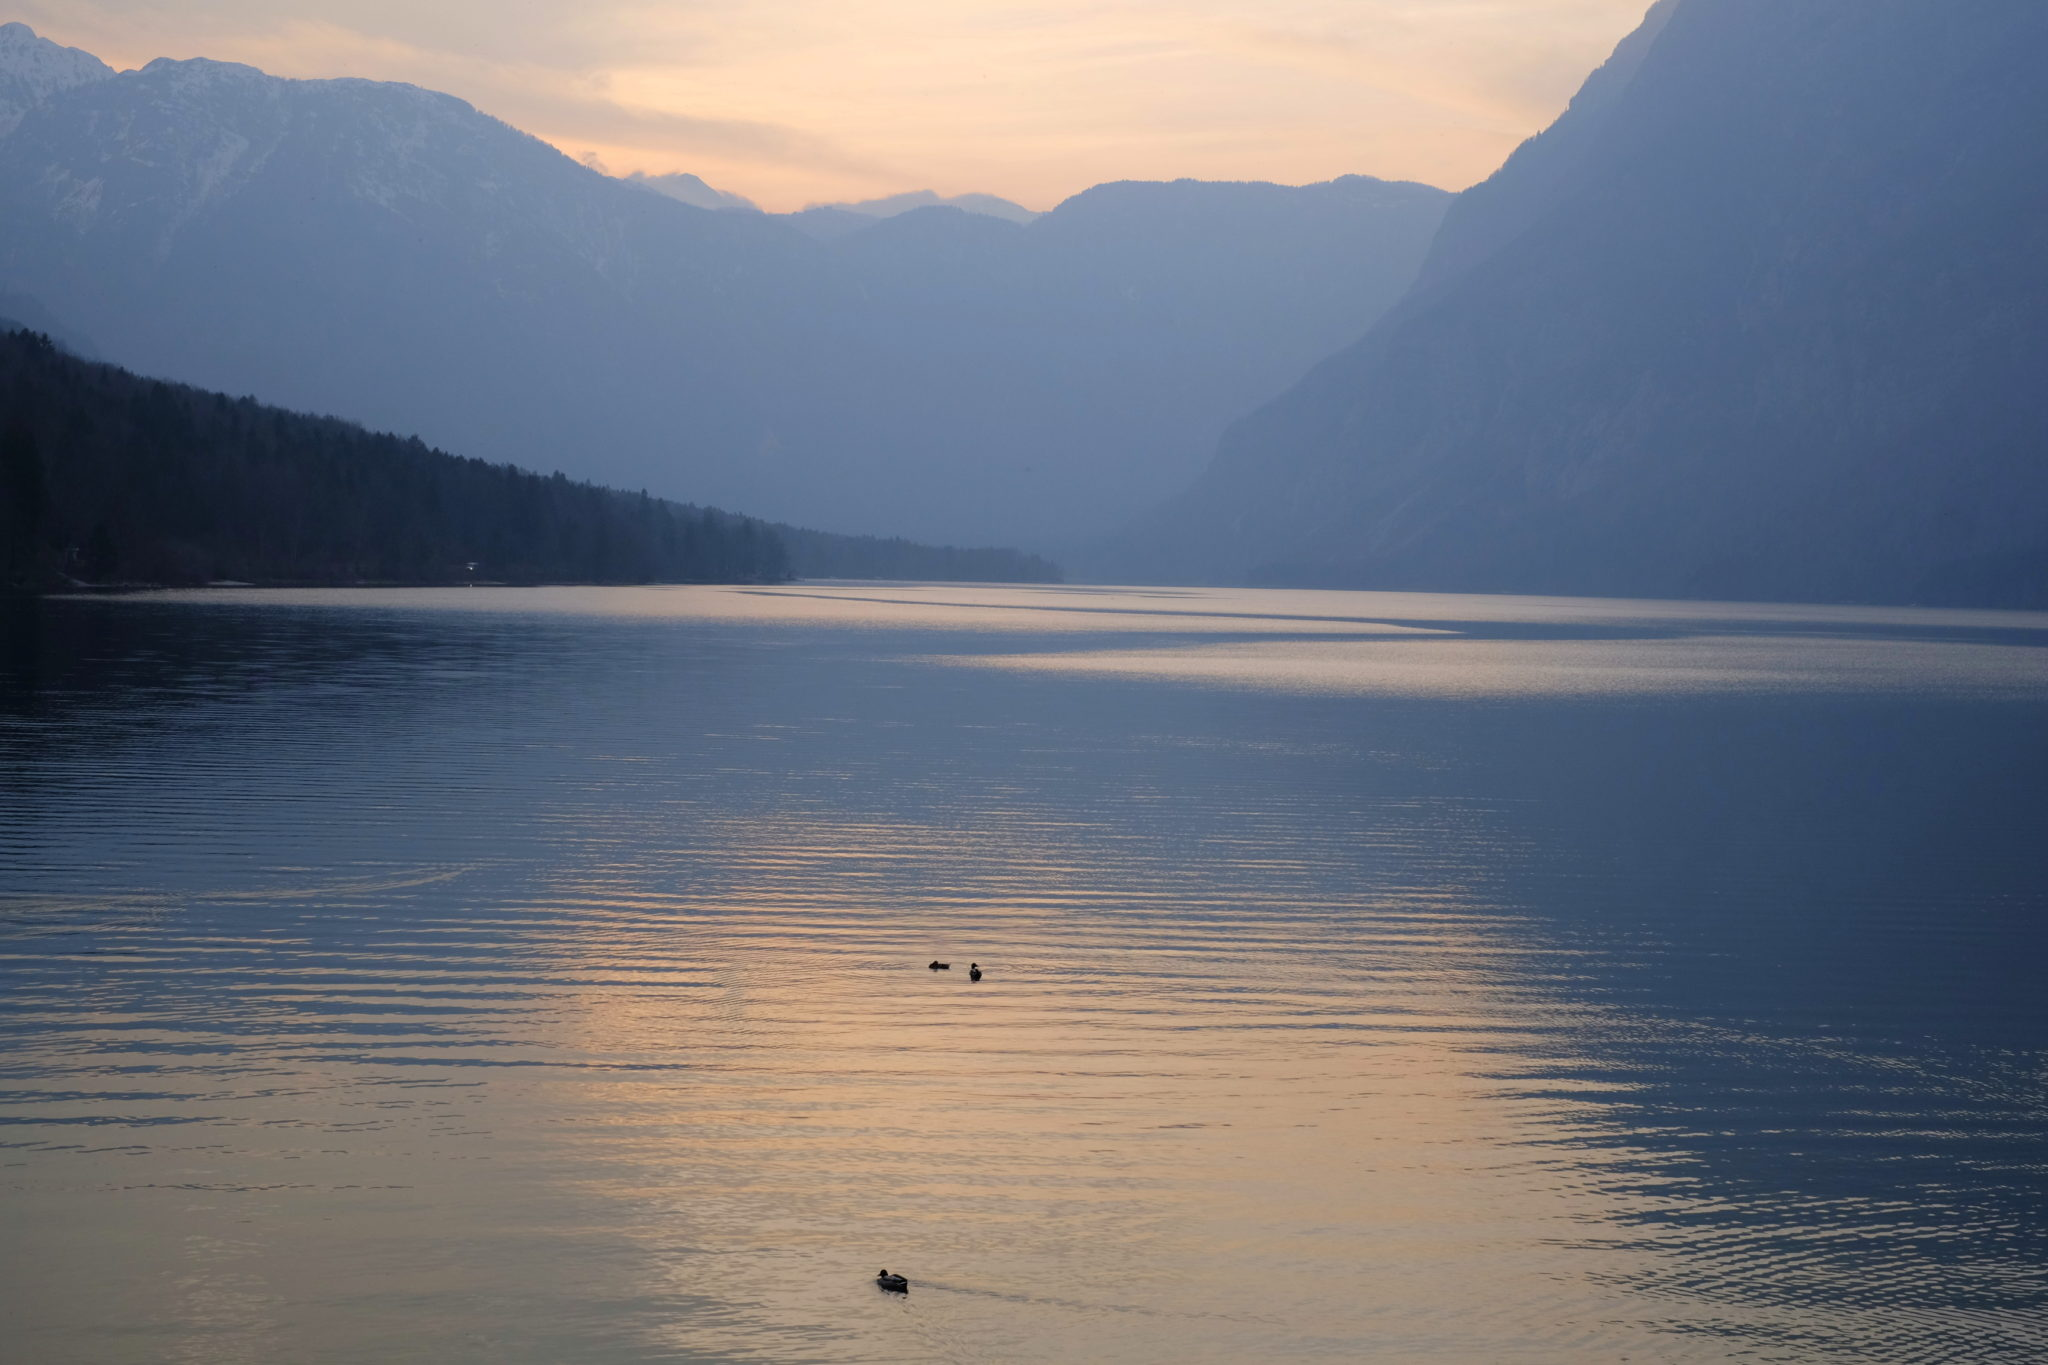 Lake Bohinj at sunset, Slovenia